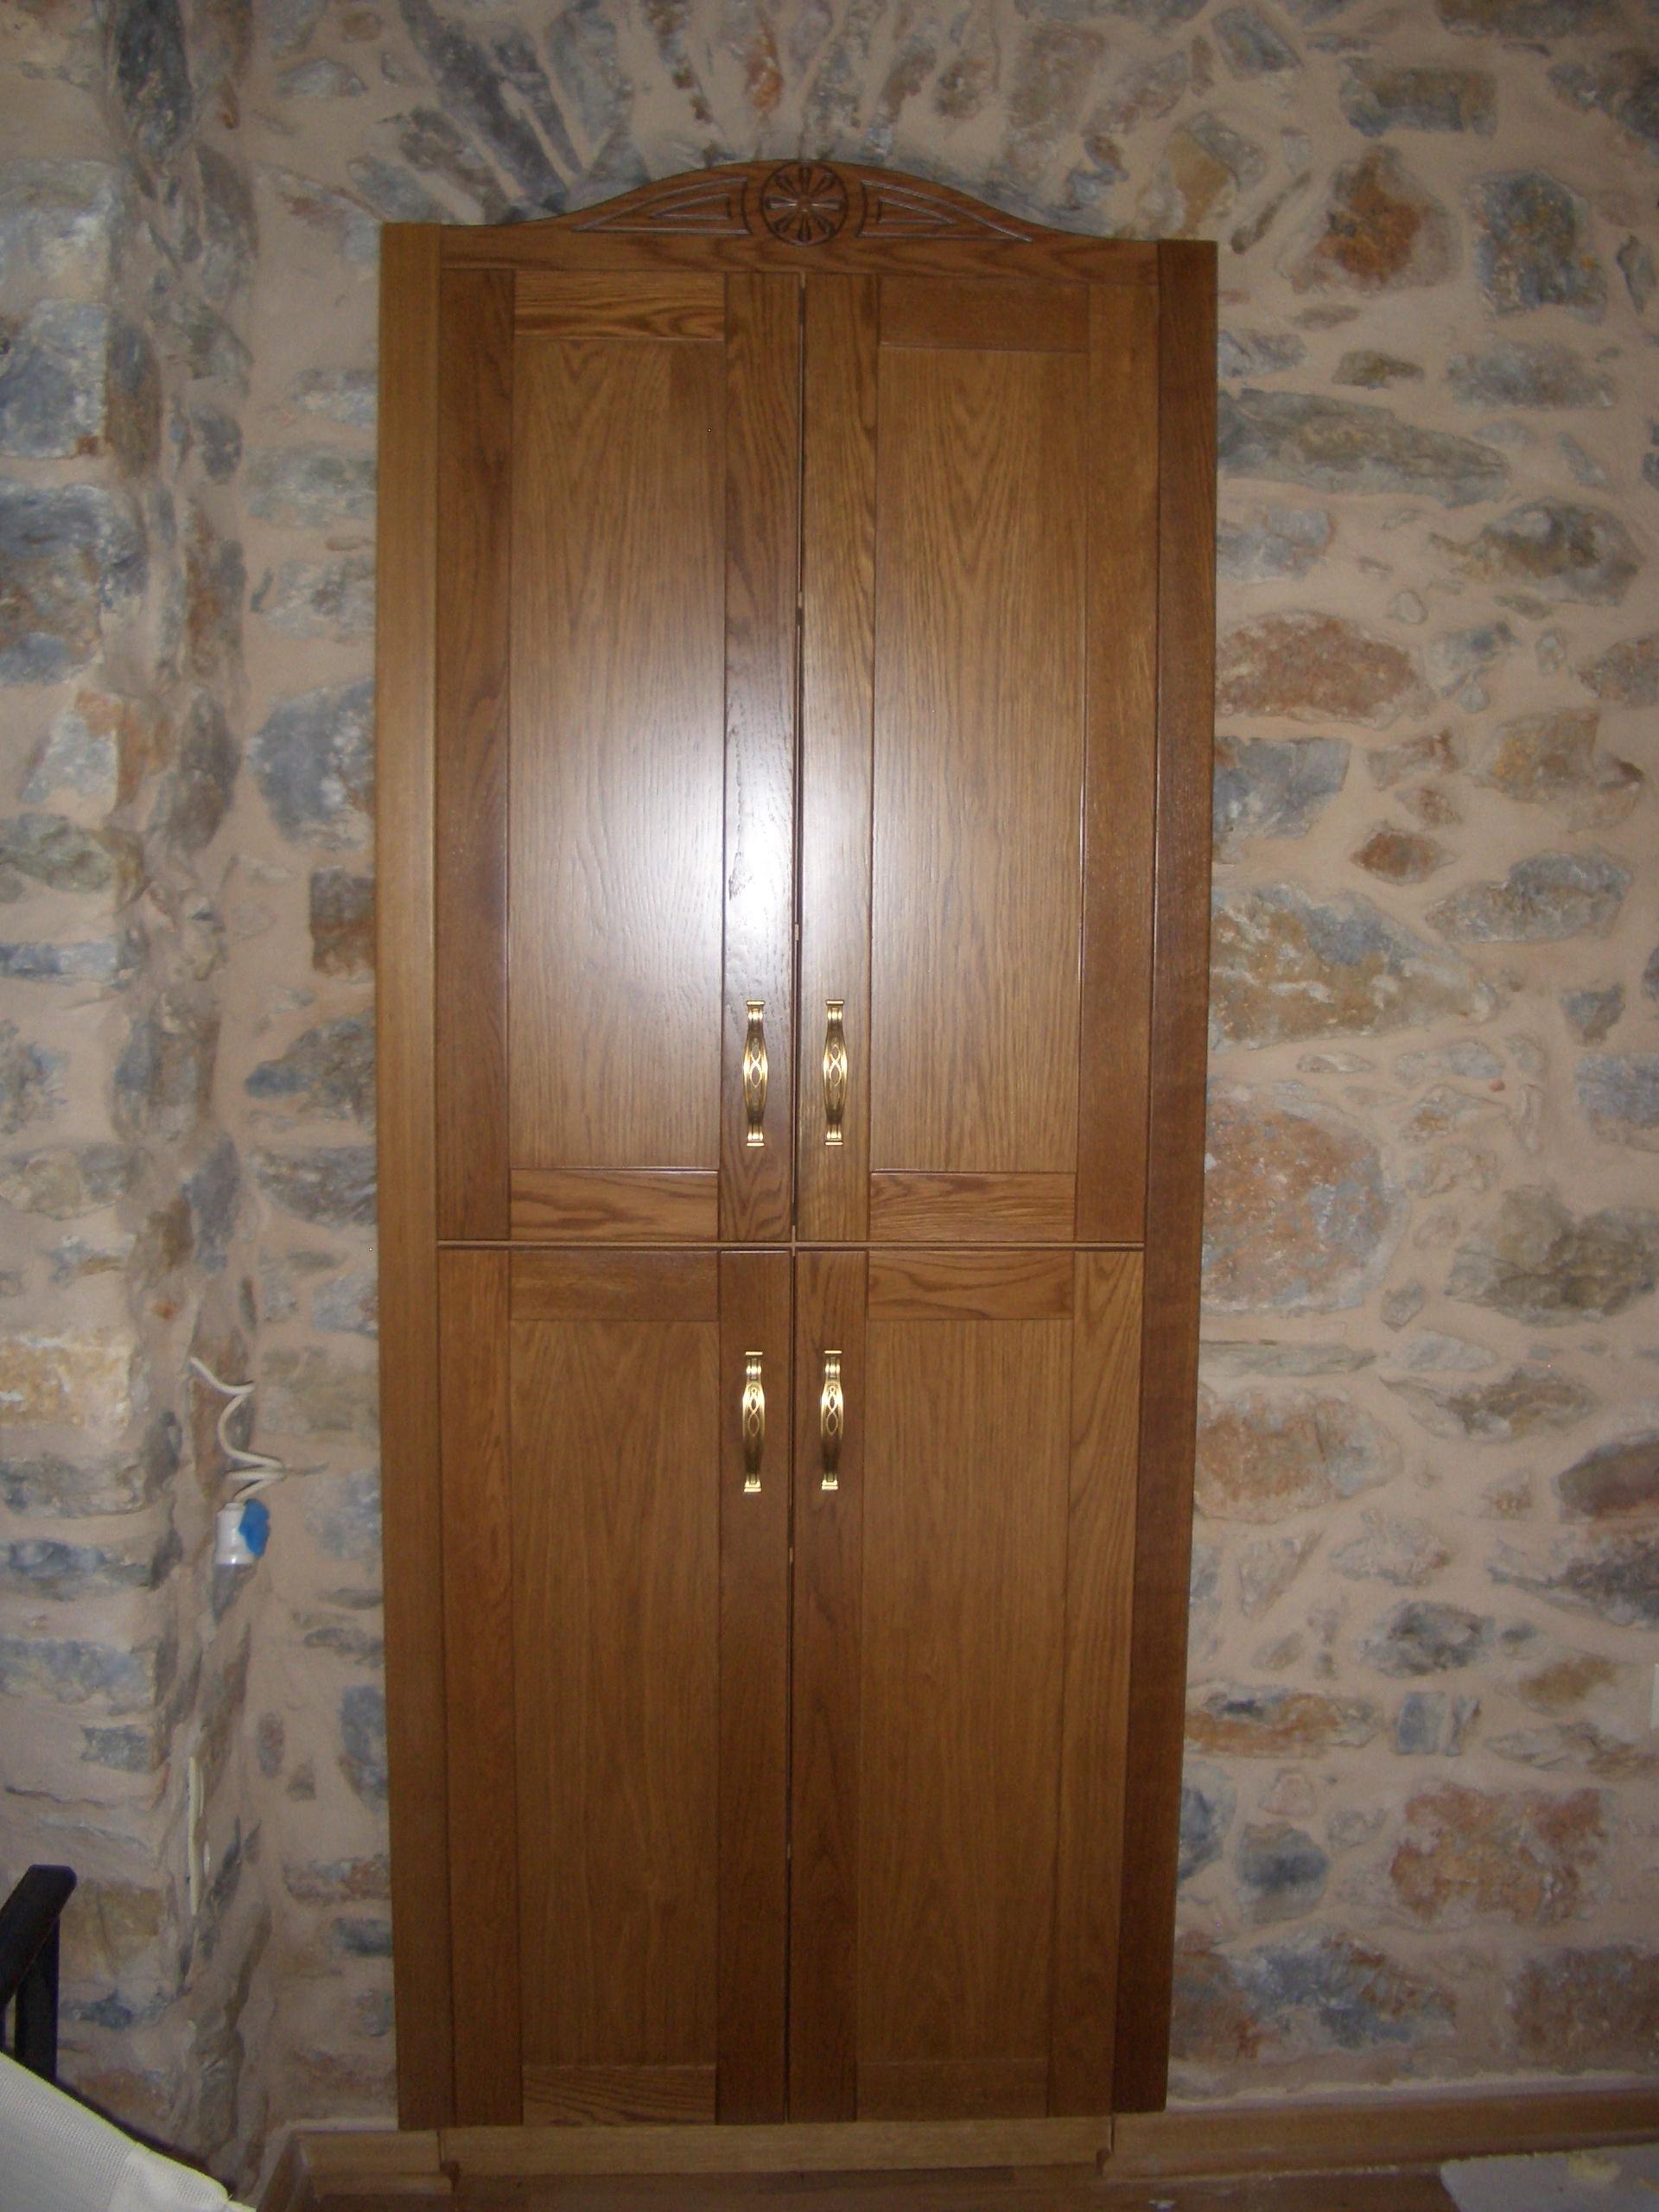 Κατασκευή ξύλινης ντουλάπας - Μάνη